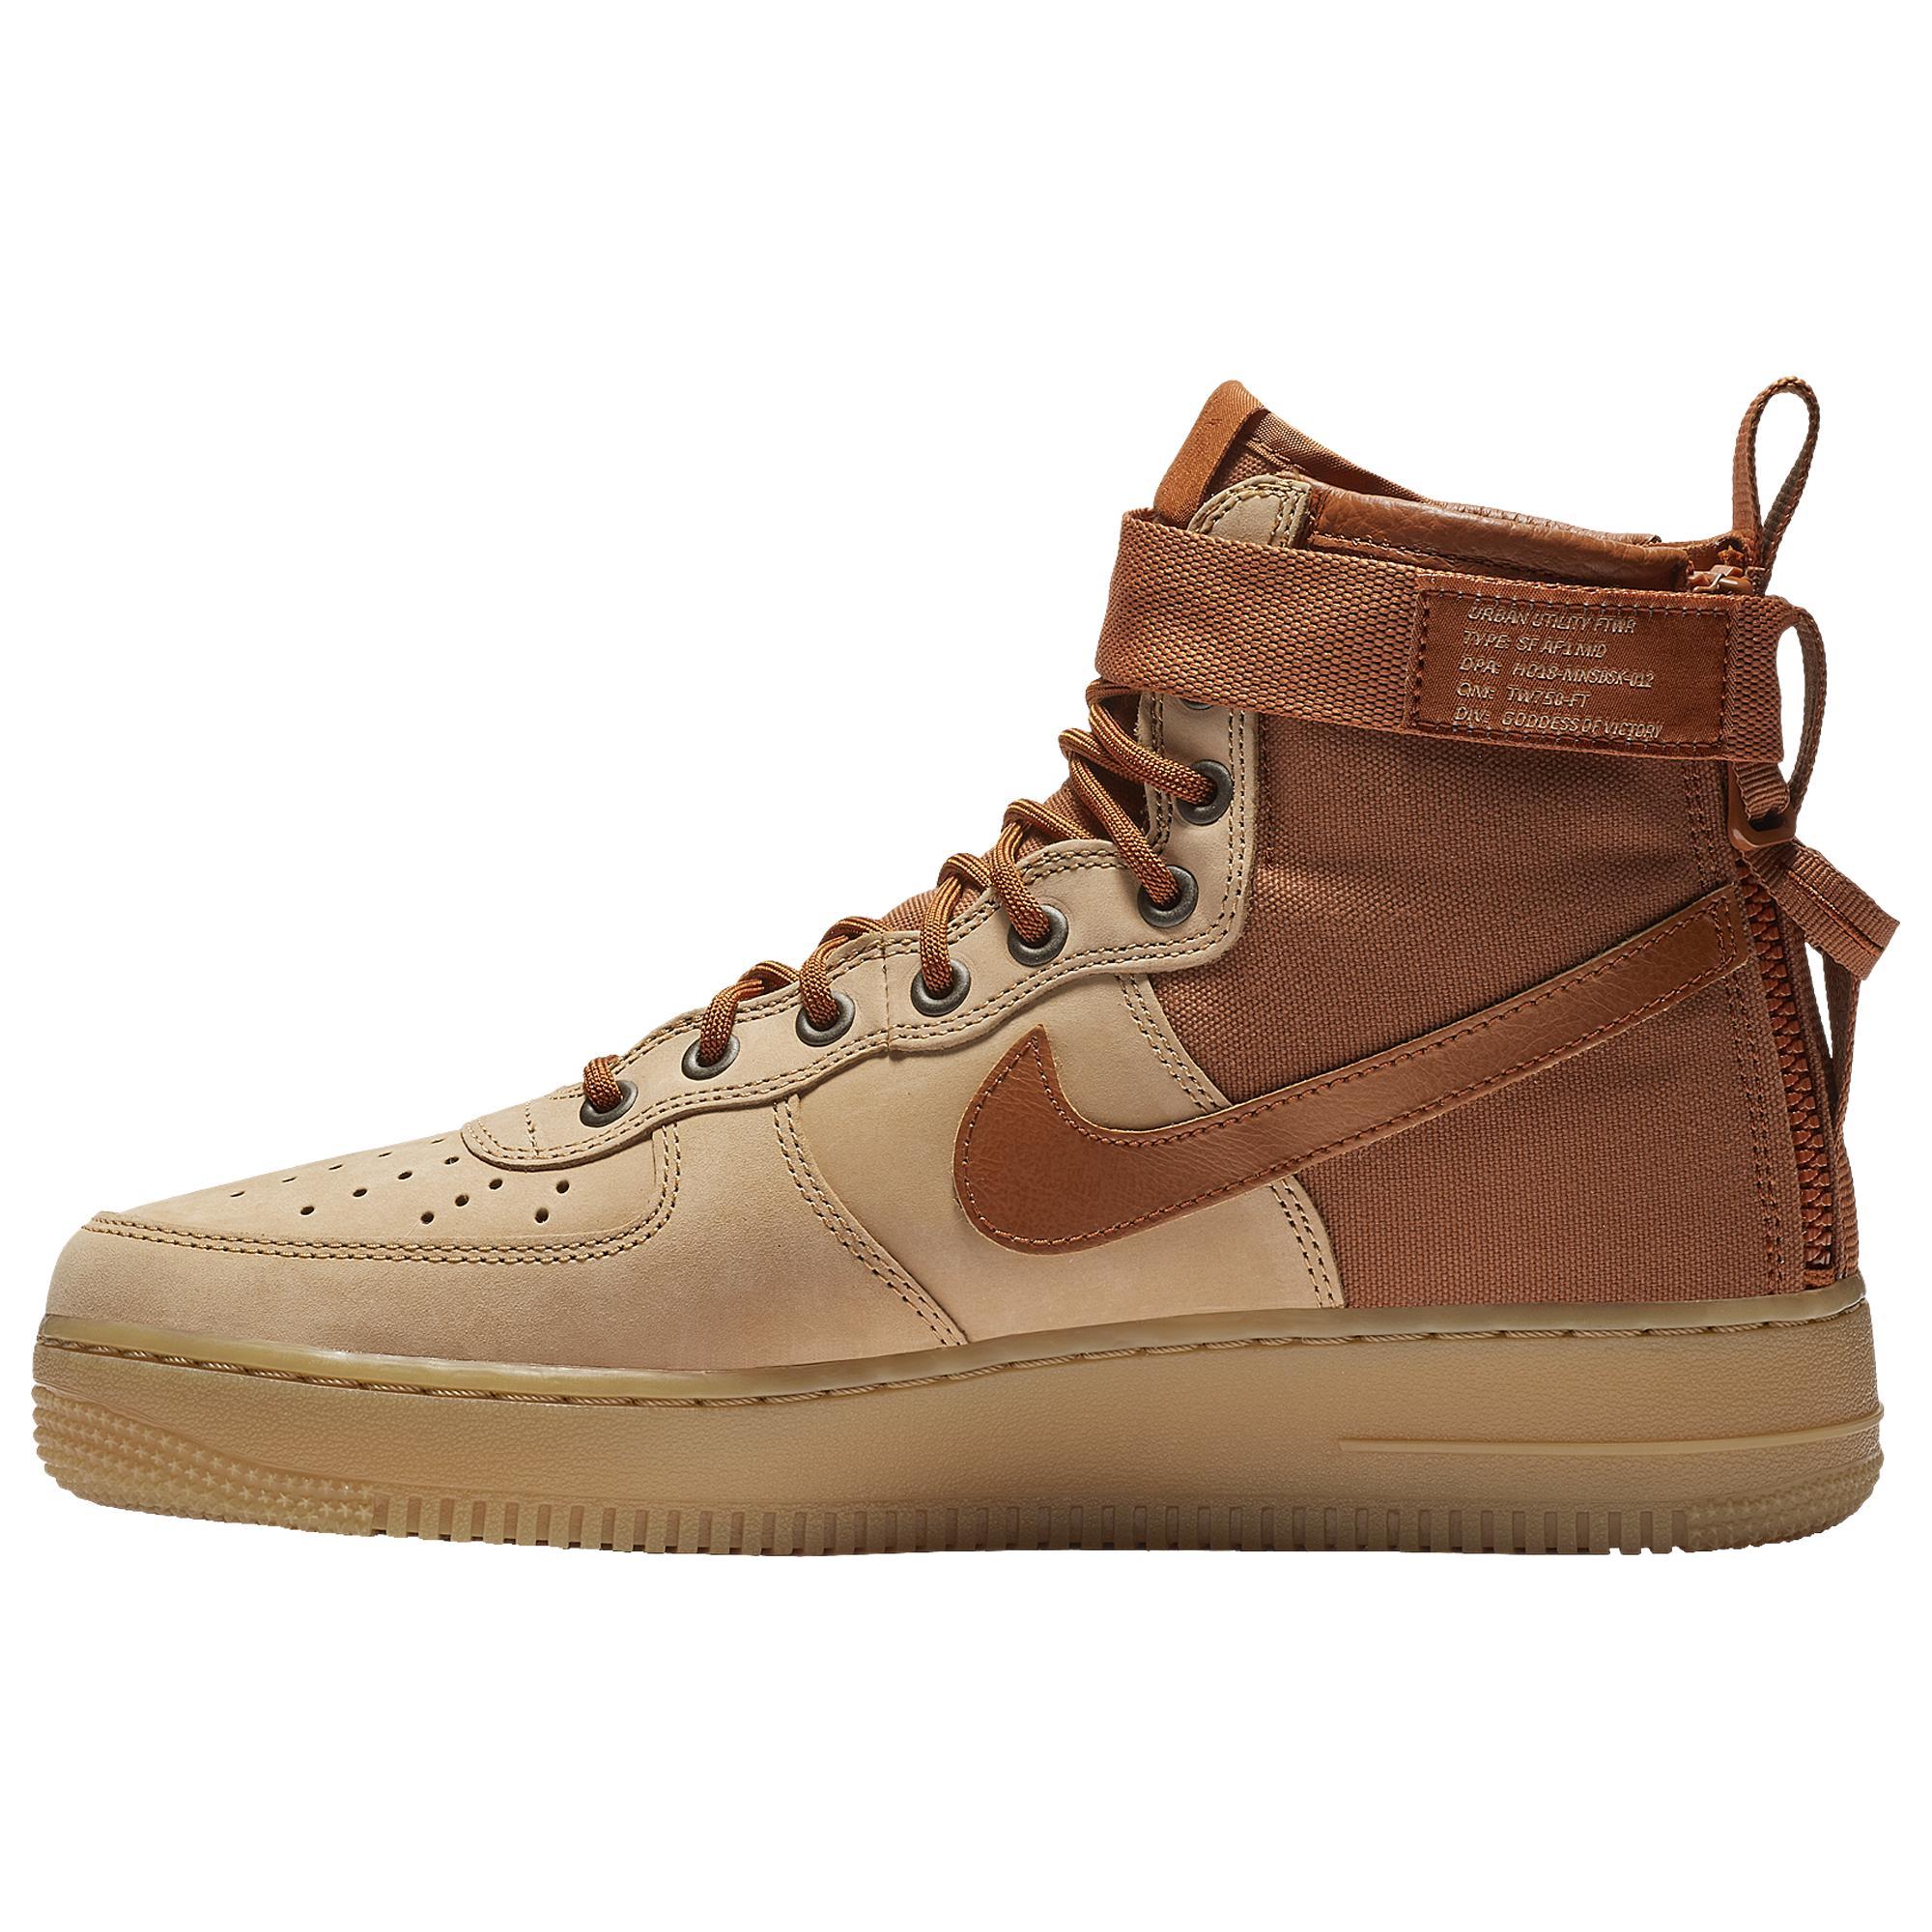 hot sale online f9cb0 0d466 Men's Brown Sf Air Force 1 Mid Premium Shoe